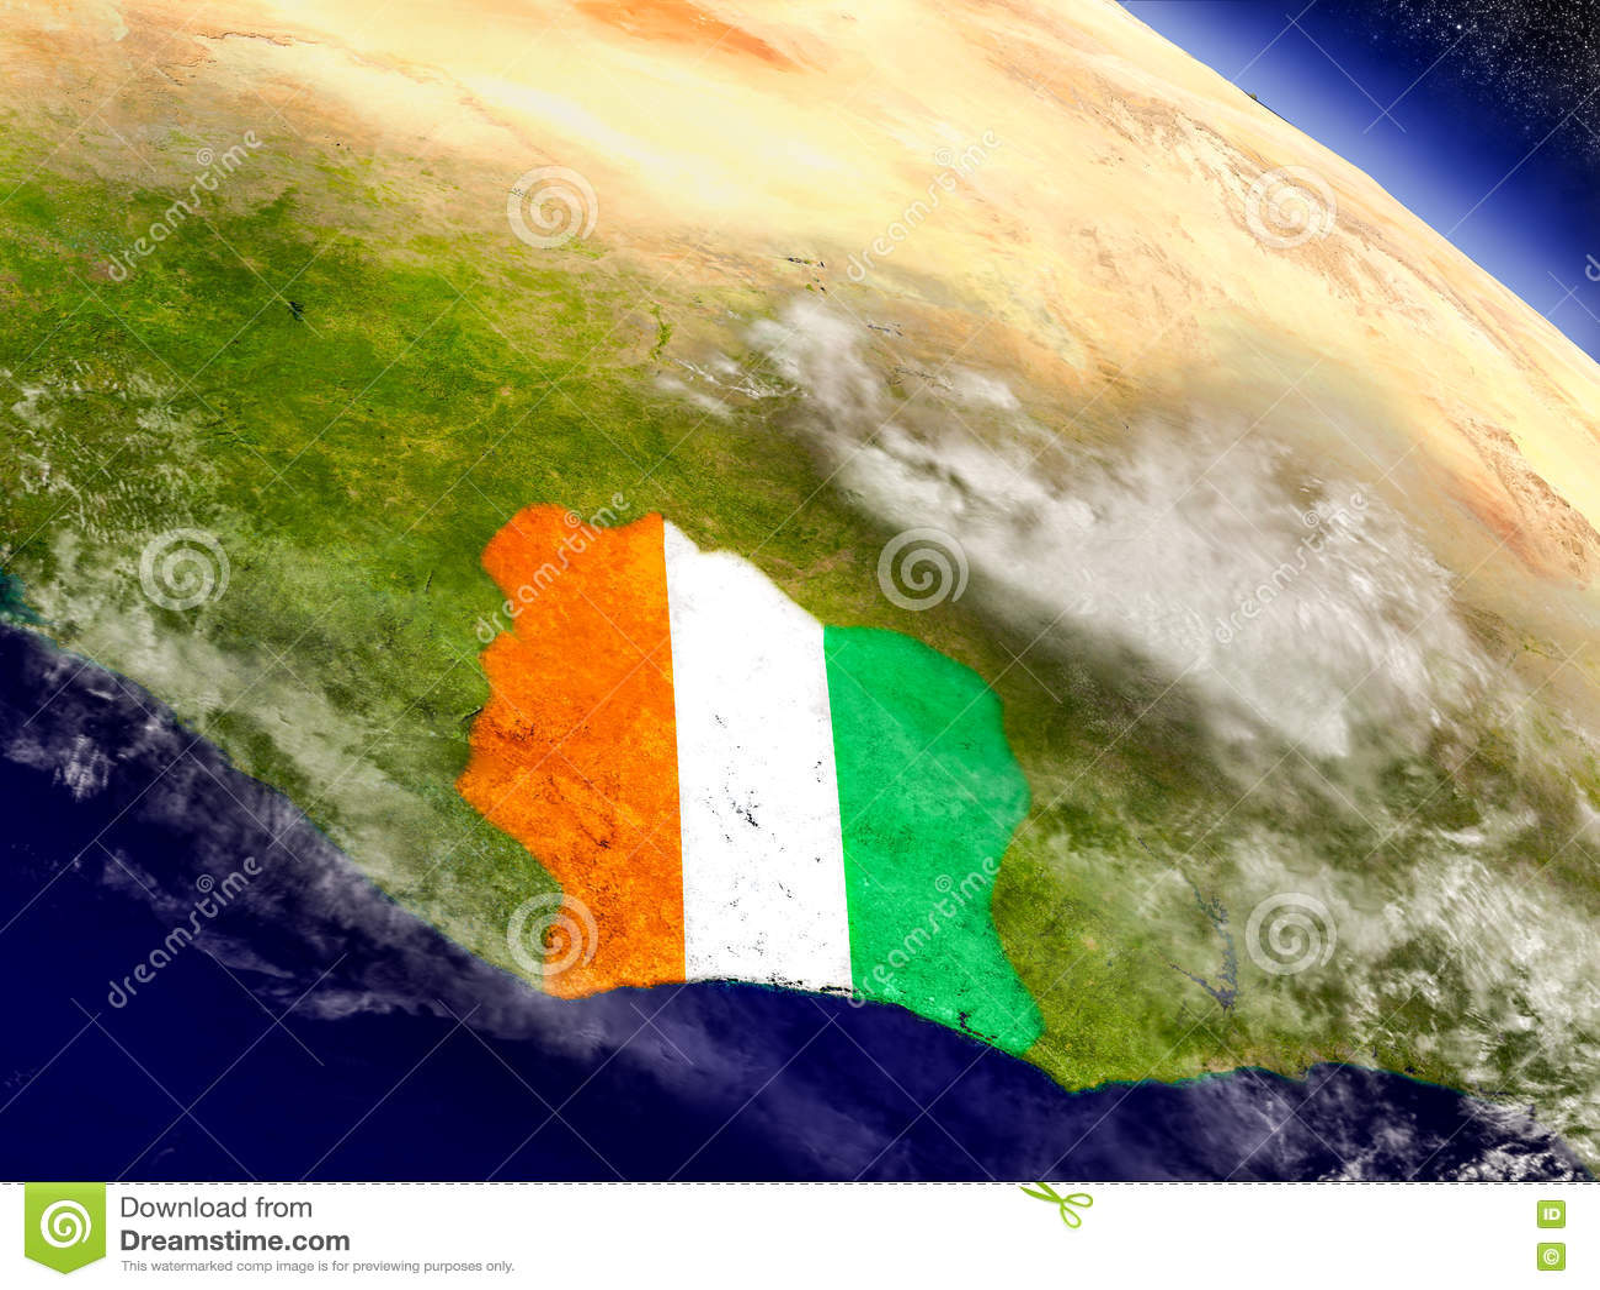 Кот-д Ивуар с врезанным флагом на земле